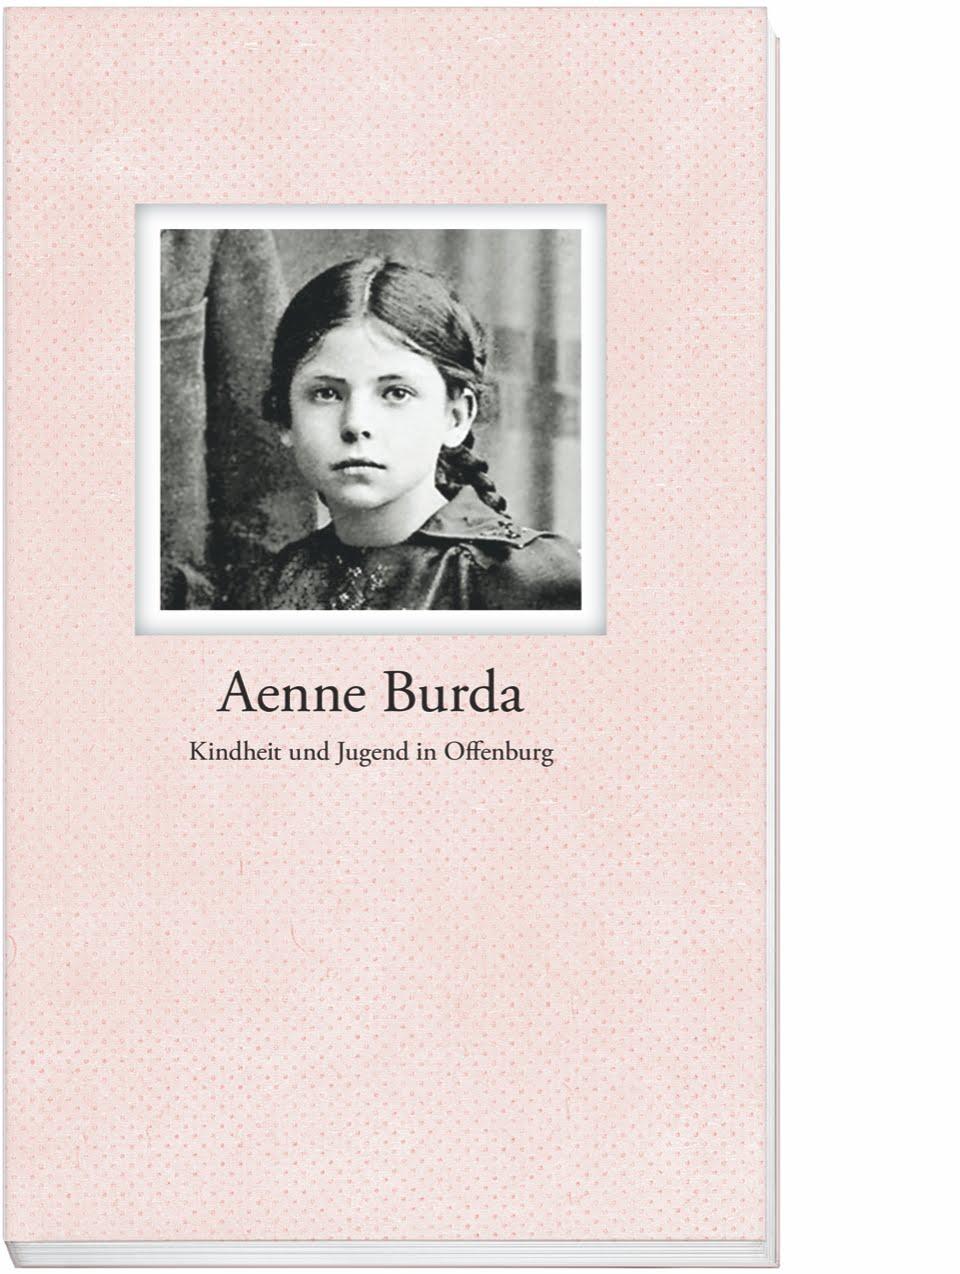 AENNE BURDA – KINDHEIT UND JUGEND IN OFFENBURG